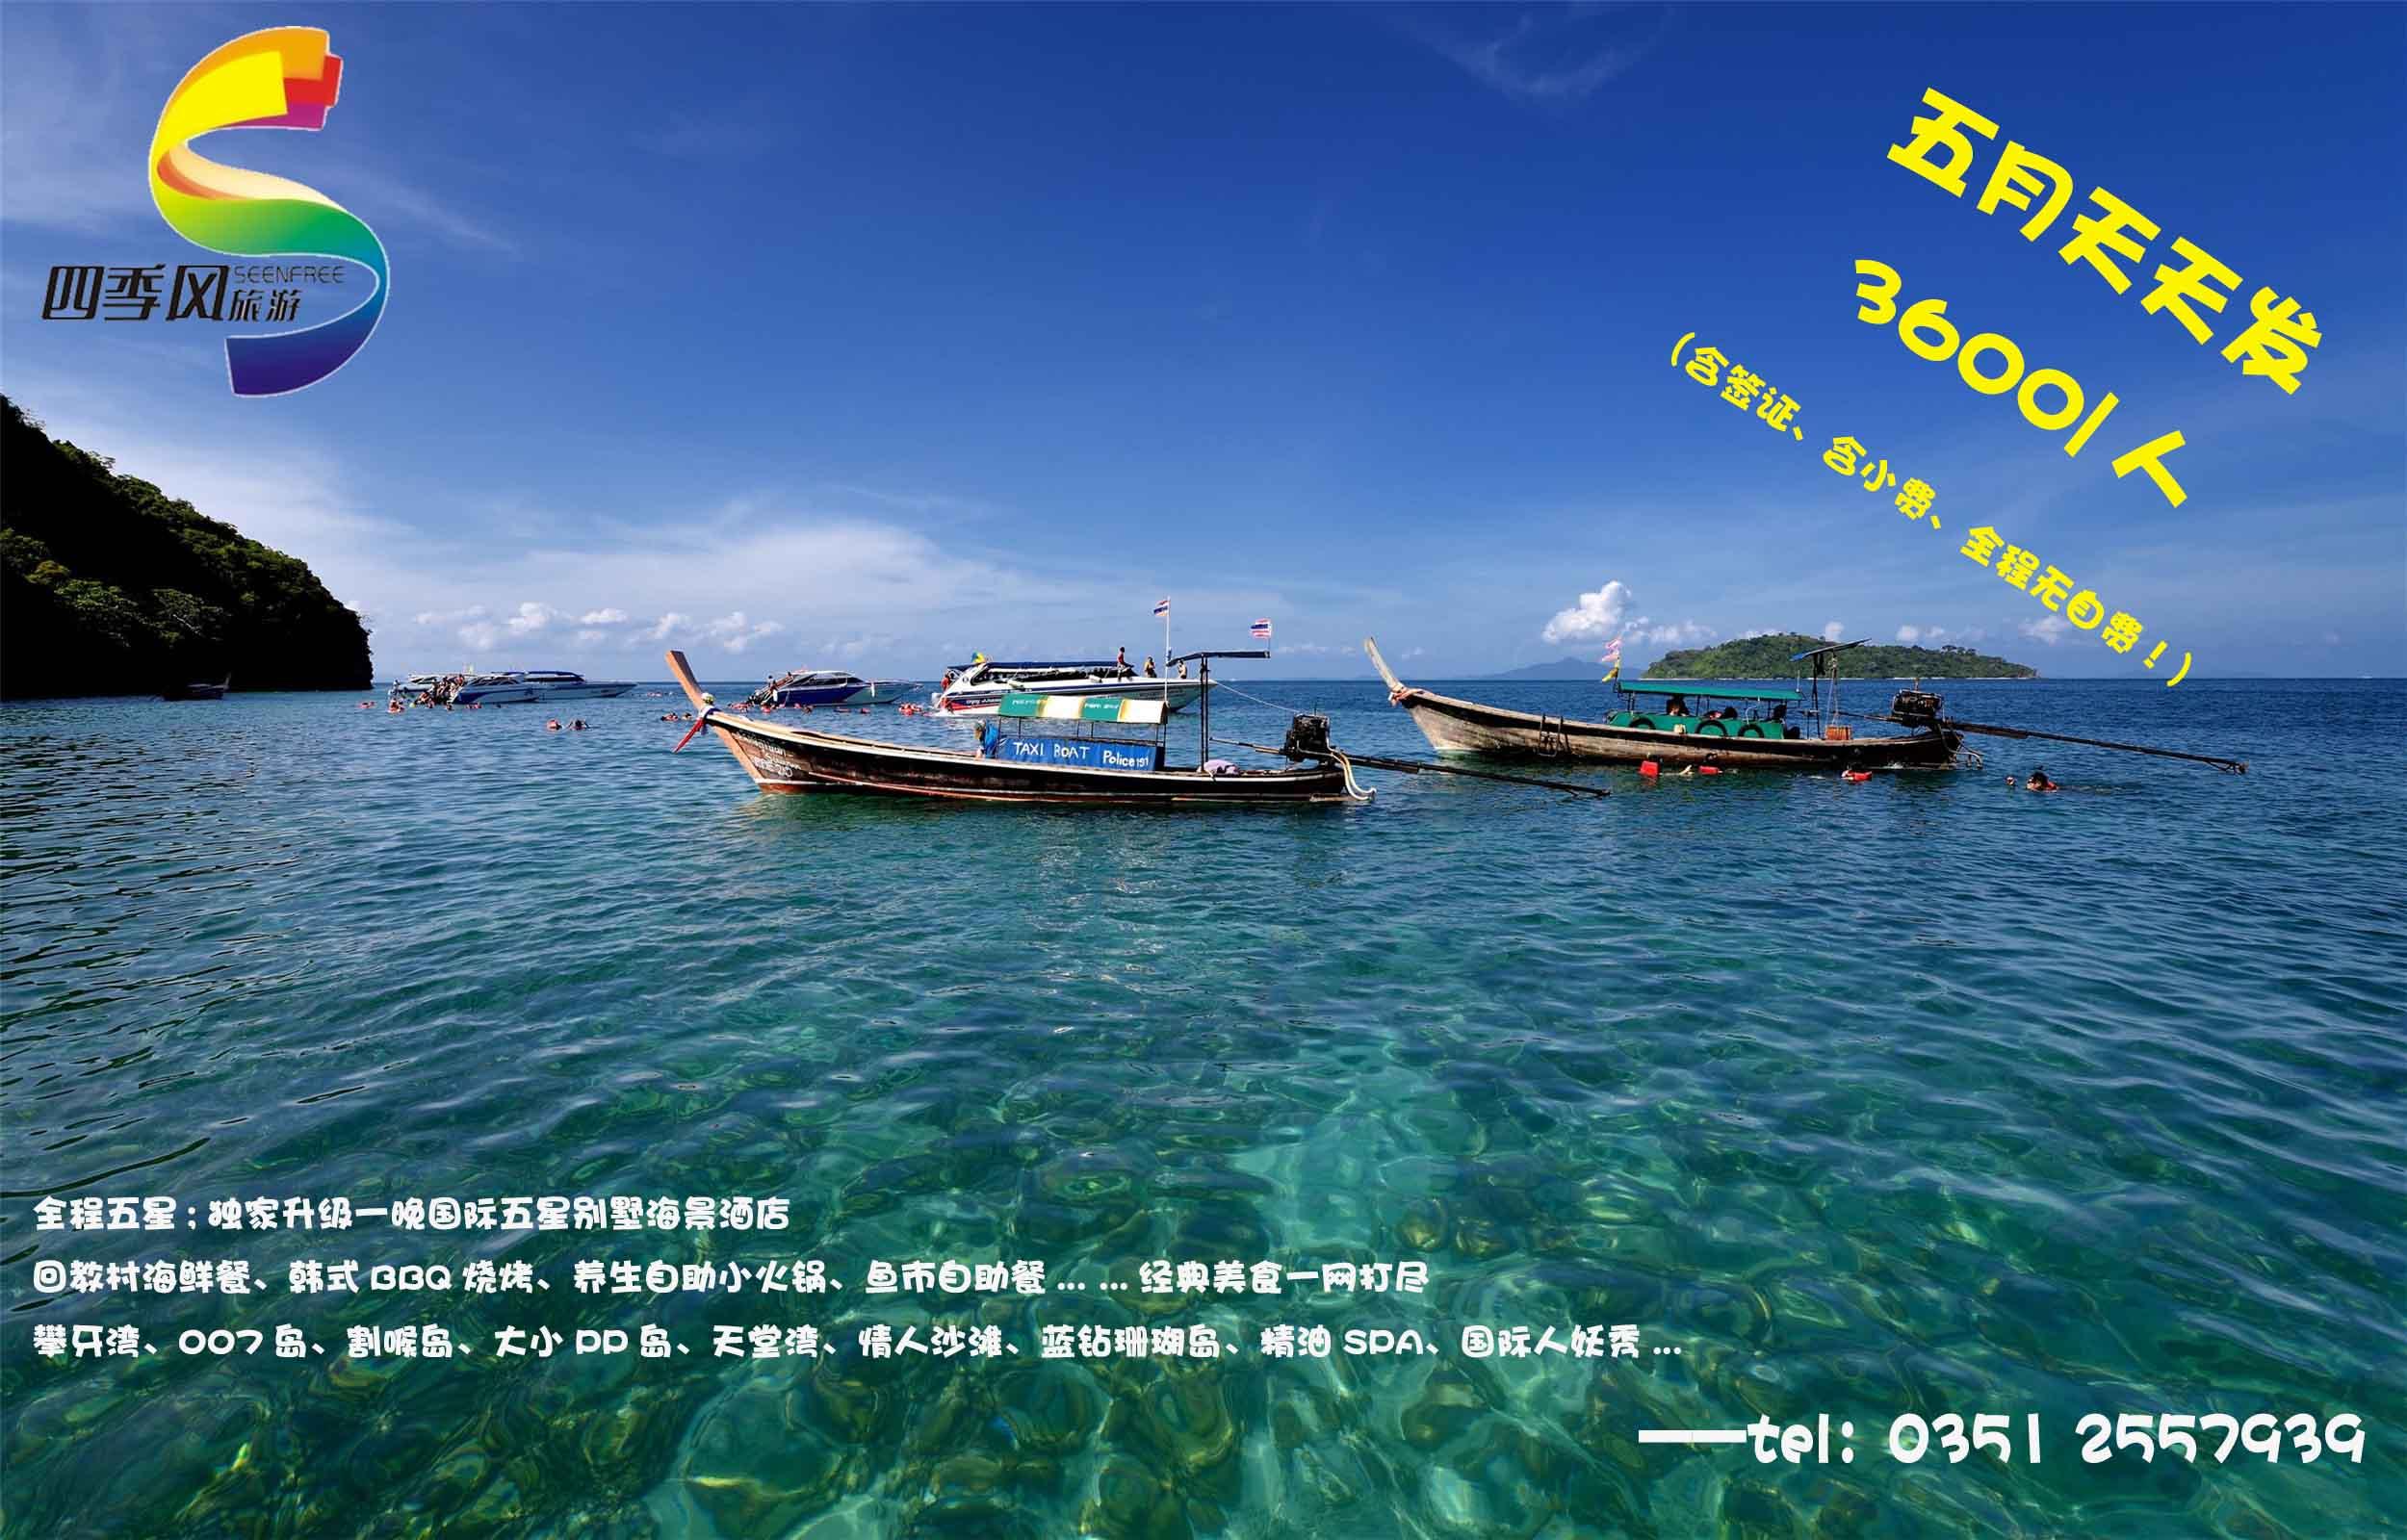 太原四季风旅游0351-2557939 芭东海滩:芭东海滩距泰国普吉镇15公里,是普吉岛开发最完善的海滩区。 这里有游泳、太阳浴、香蕉船、帆板、游艇等各种海上活动项目,而这里的海水清澈见底,水中生物种类繁多,是亚洲地区公认的最优良的潜水地之一。如果游客想要体验一下热闹的夜生活可以到邦古拉街(Bangla Road)一带走走。芭东沿海3公里新月型的海滩上遍布旅馆、超级市场、购物中心和各种娱乐设施,吃喝玩乐,样样齐全。 白天的芭东海滩游人众多,喜欢逛街和购物的游客也很喜欢这里,因为在海滩附近有几条布满商店和餐